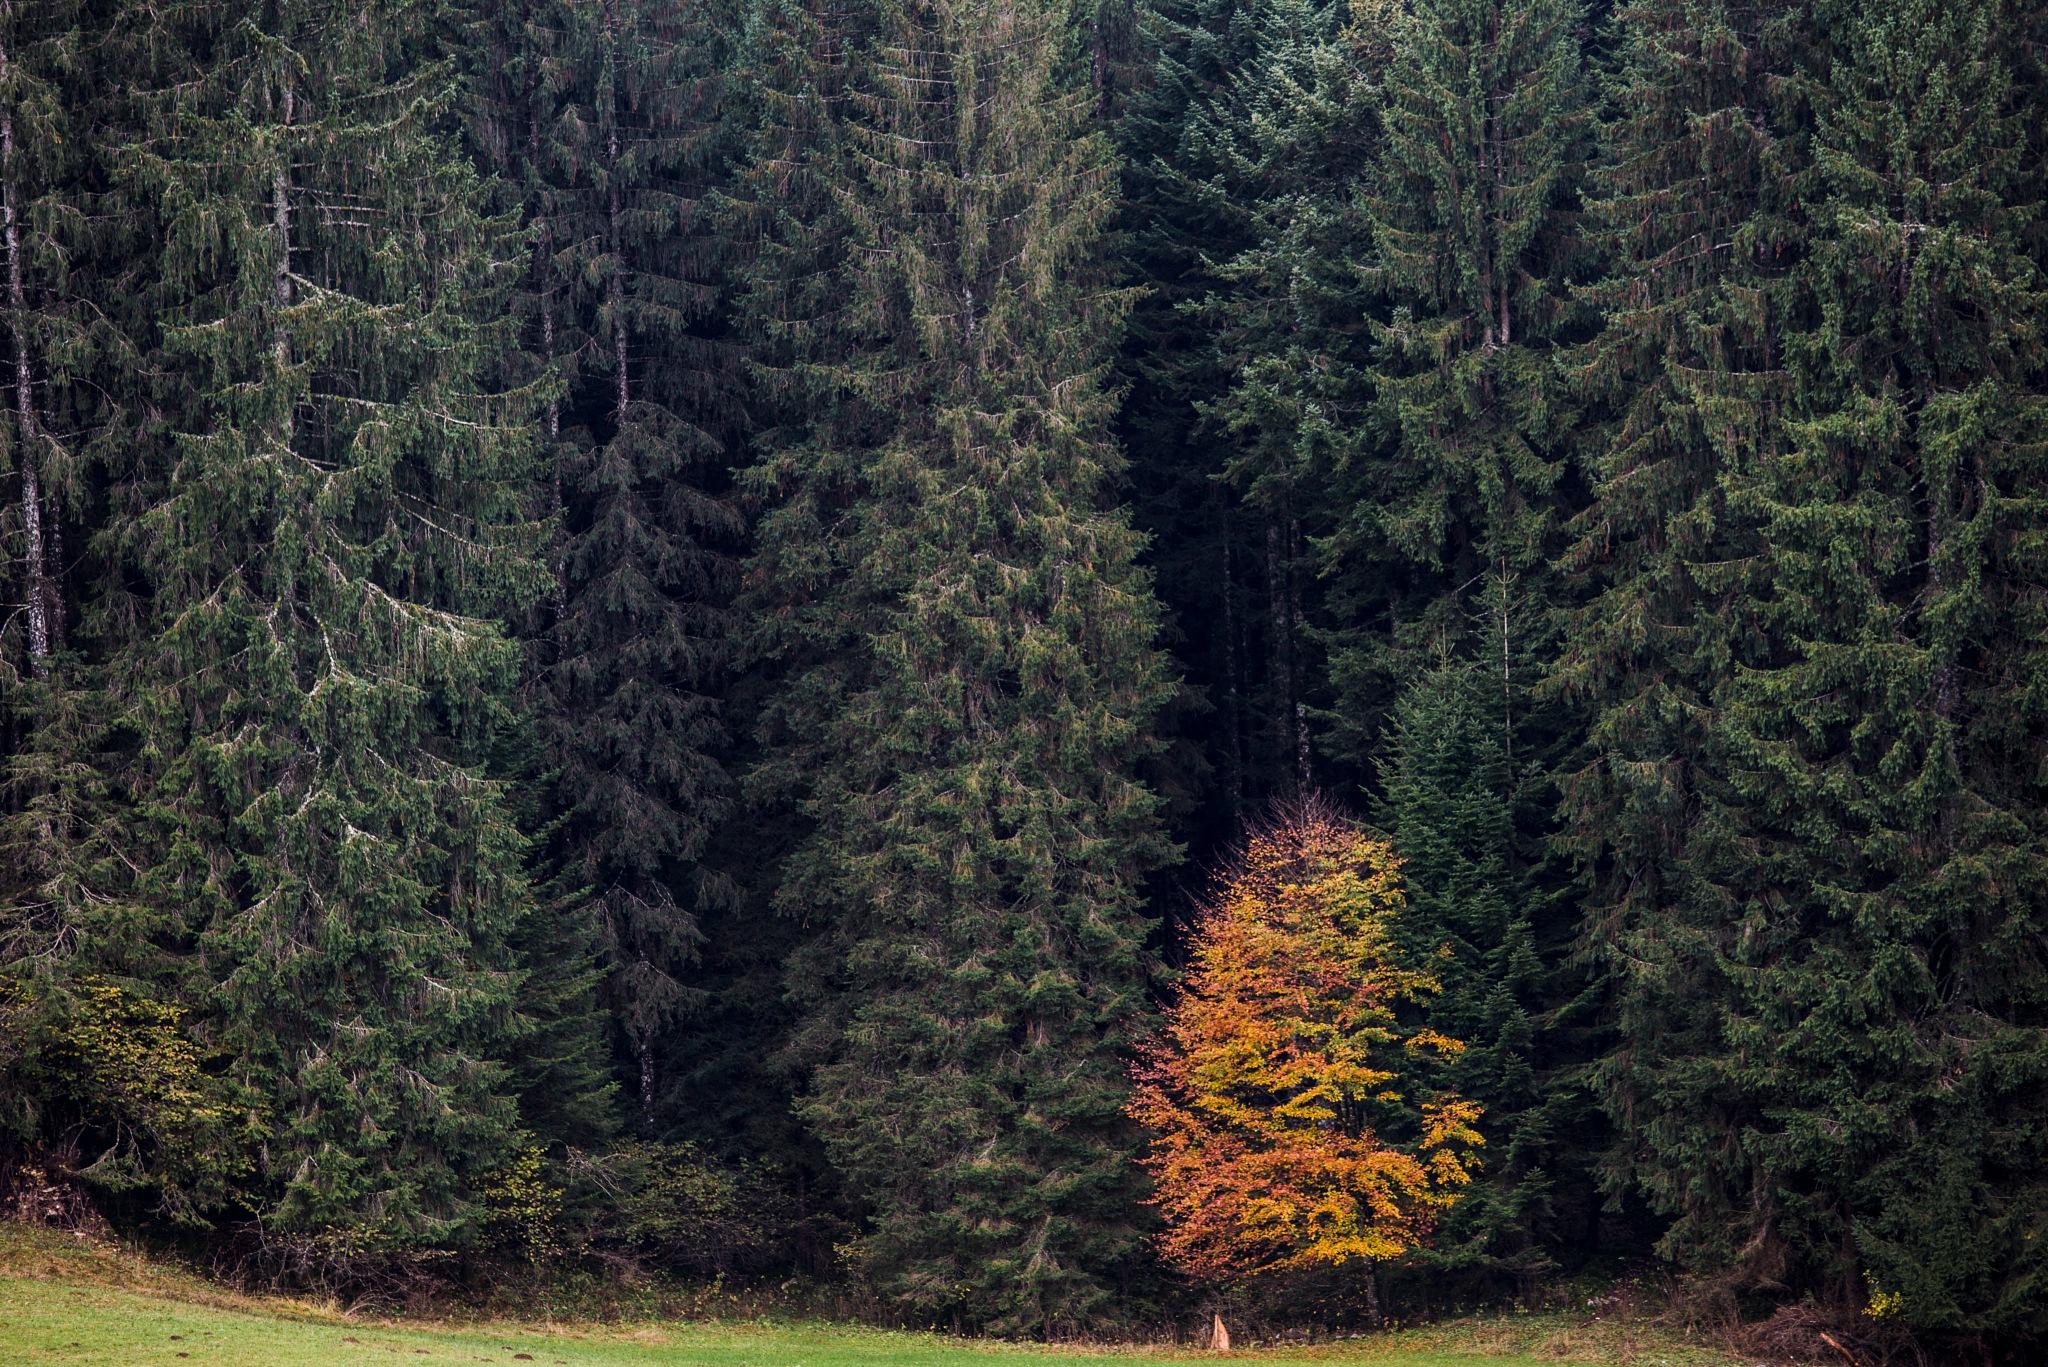 Autumn by Giovanni Battagliola